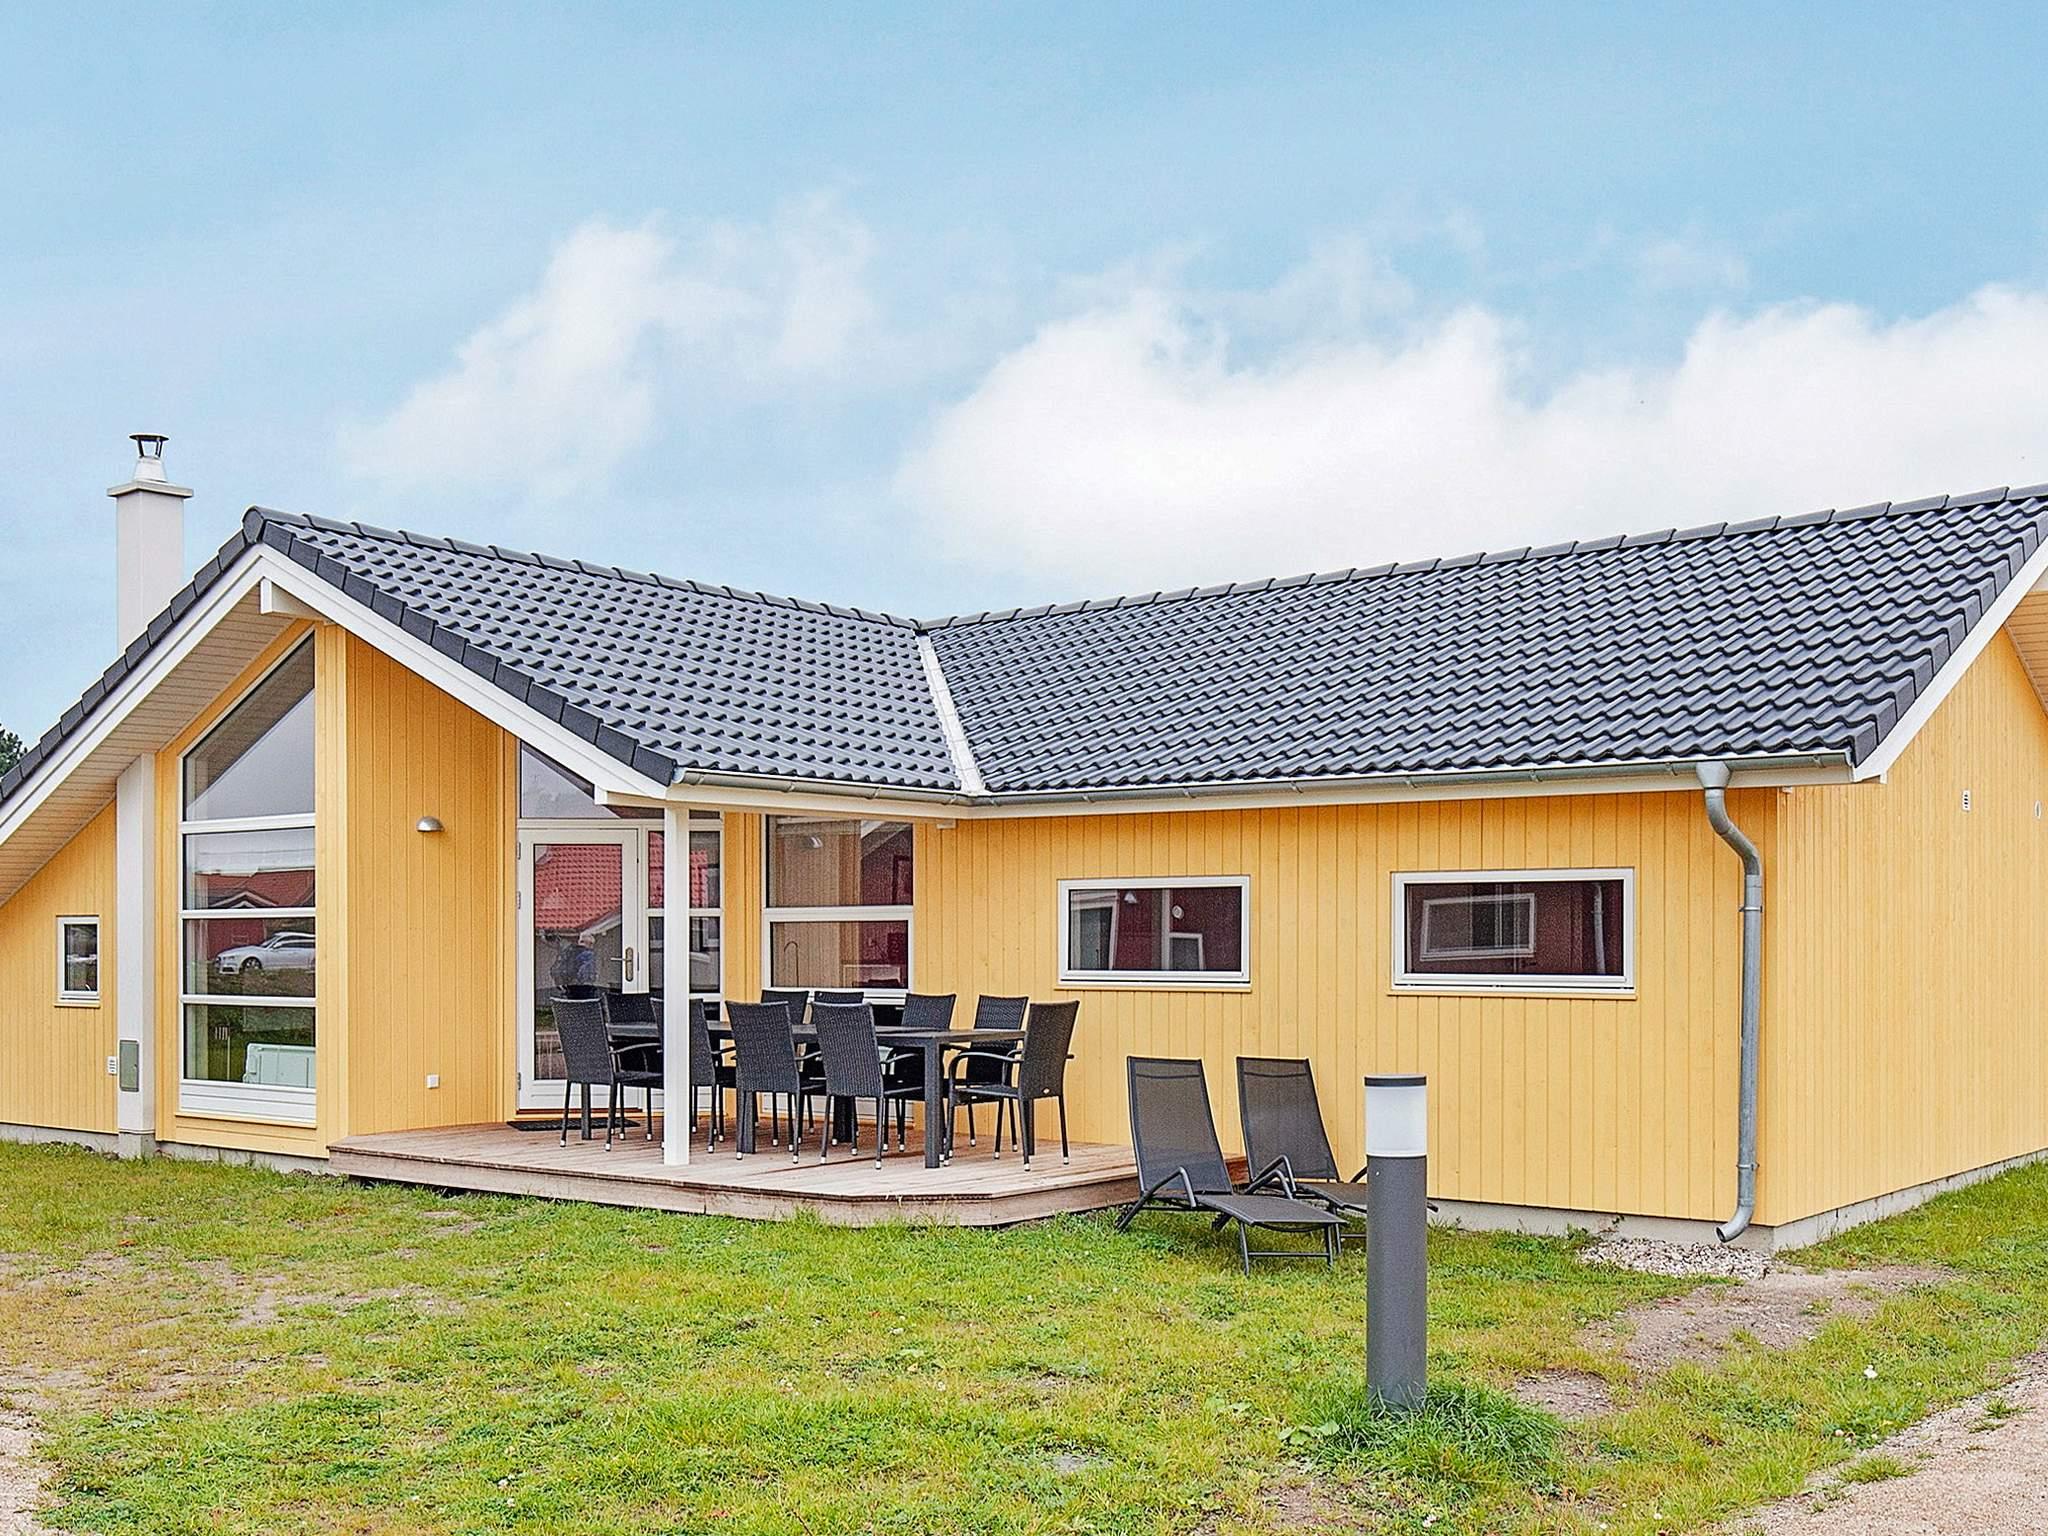 Ferienhaus Großenbrode (2355384), Großenbrode, Ostseespitze Wagrien, Schleswig-Holstein, Deutschland, Bild 1